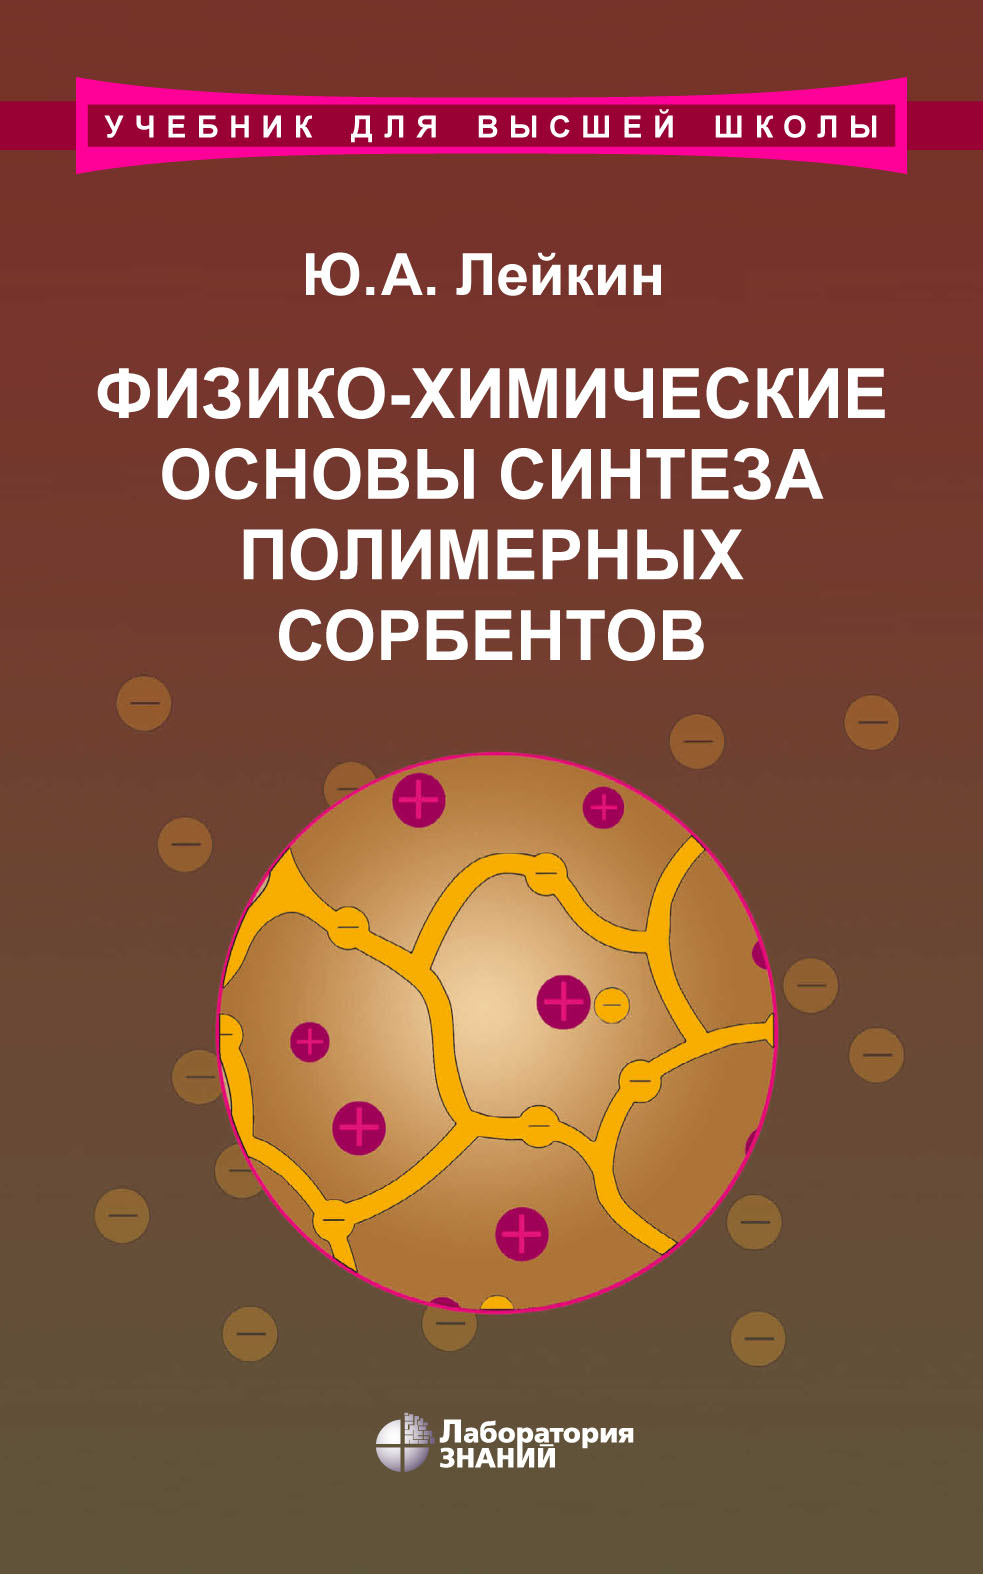 Ю. А. Лейкин Физико-химические основы синтеза полимерных сорбентов п панкратьев лабораторные методы исследования минерального сырья физико химические методы исследования